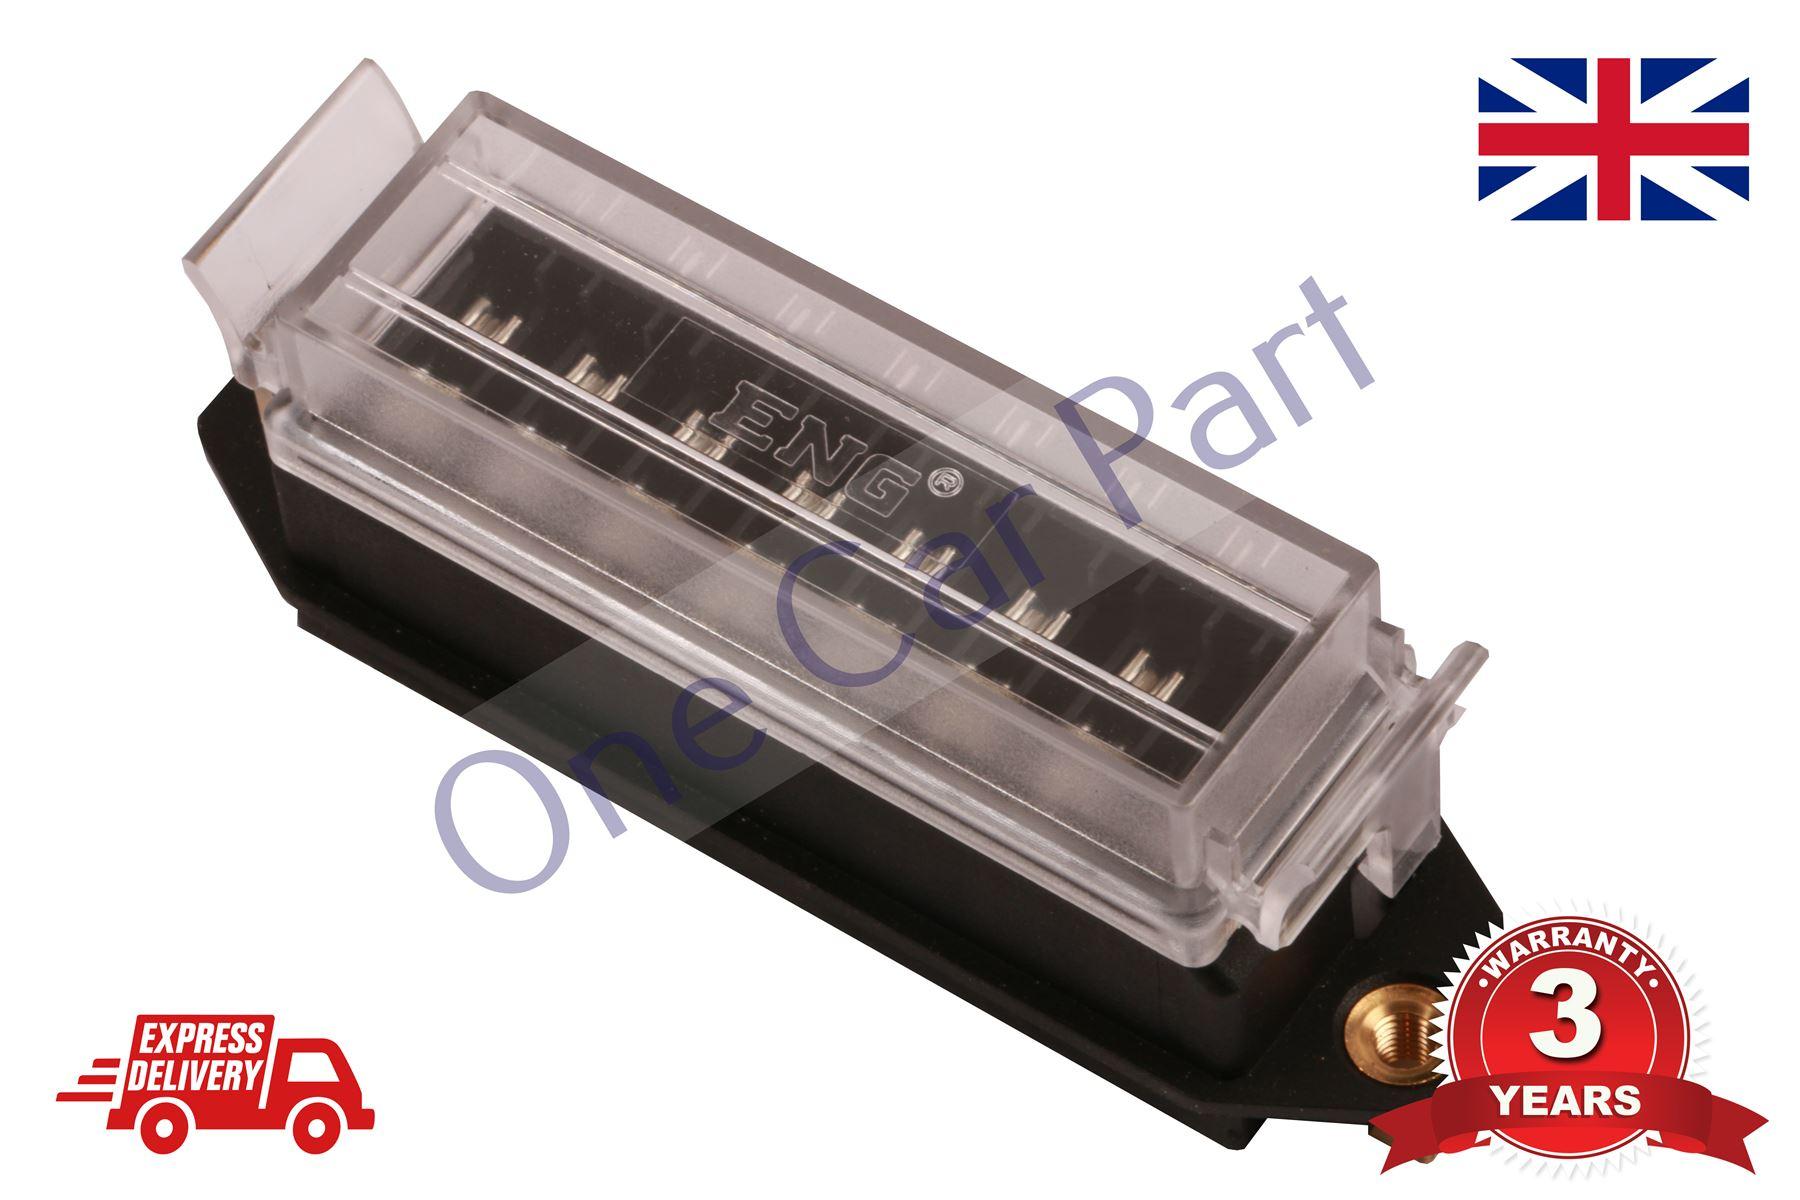 hight resolution of 8 way bottom entry fuse box holder 12v volt blade kit car van heavy duty